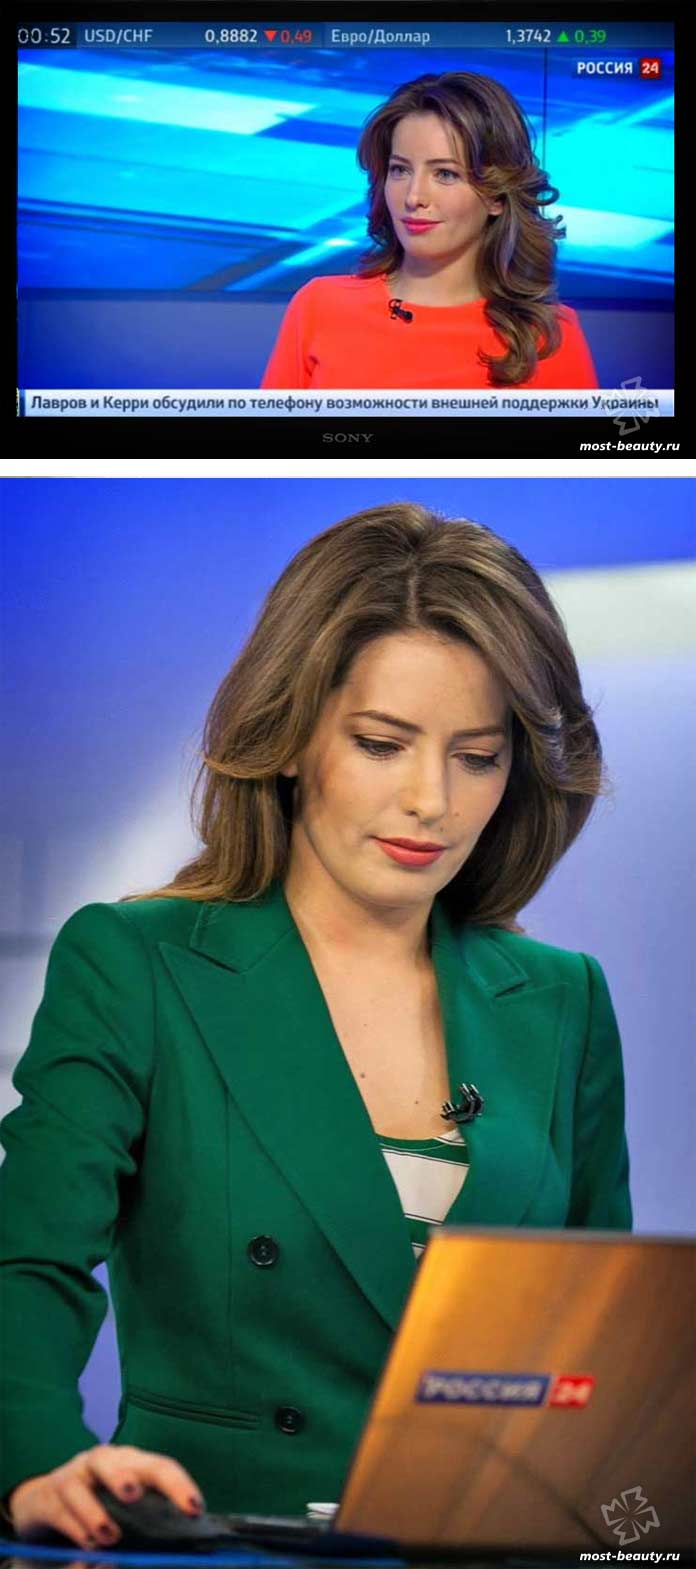 Самые красивые телеведущие: Татьяна Столярова